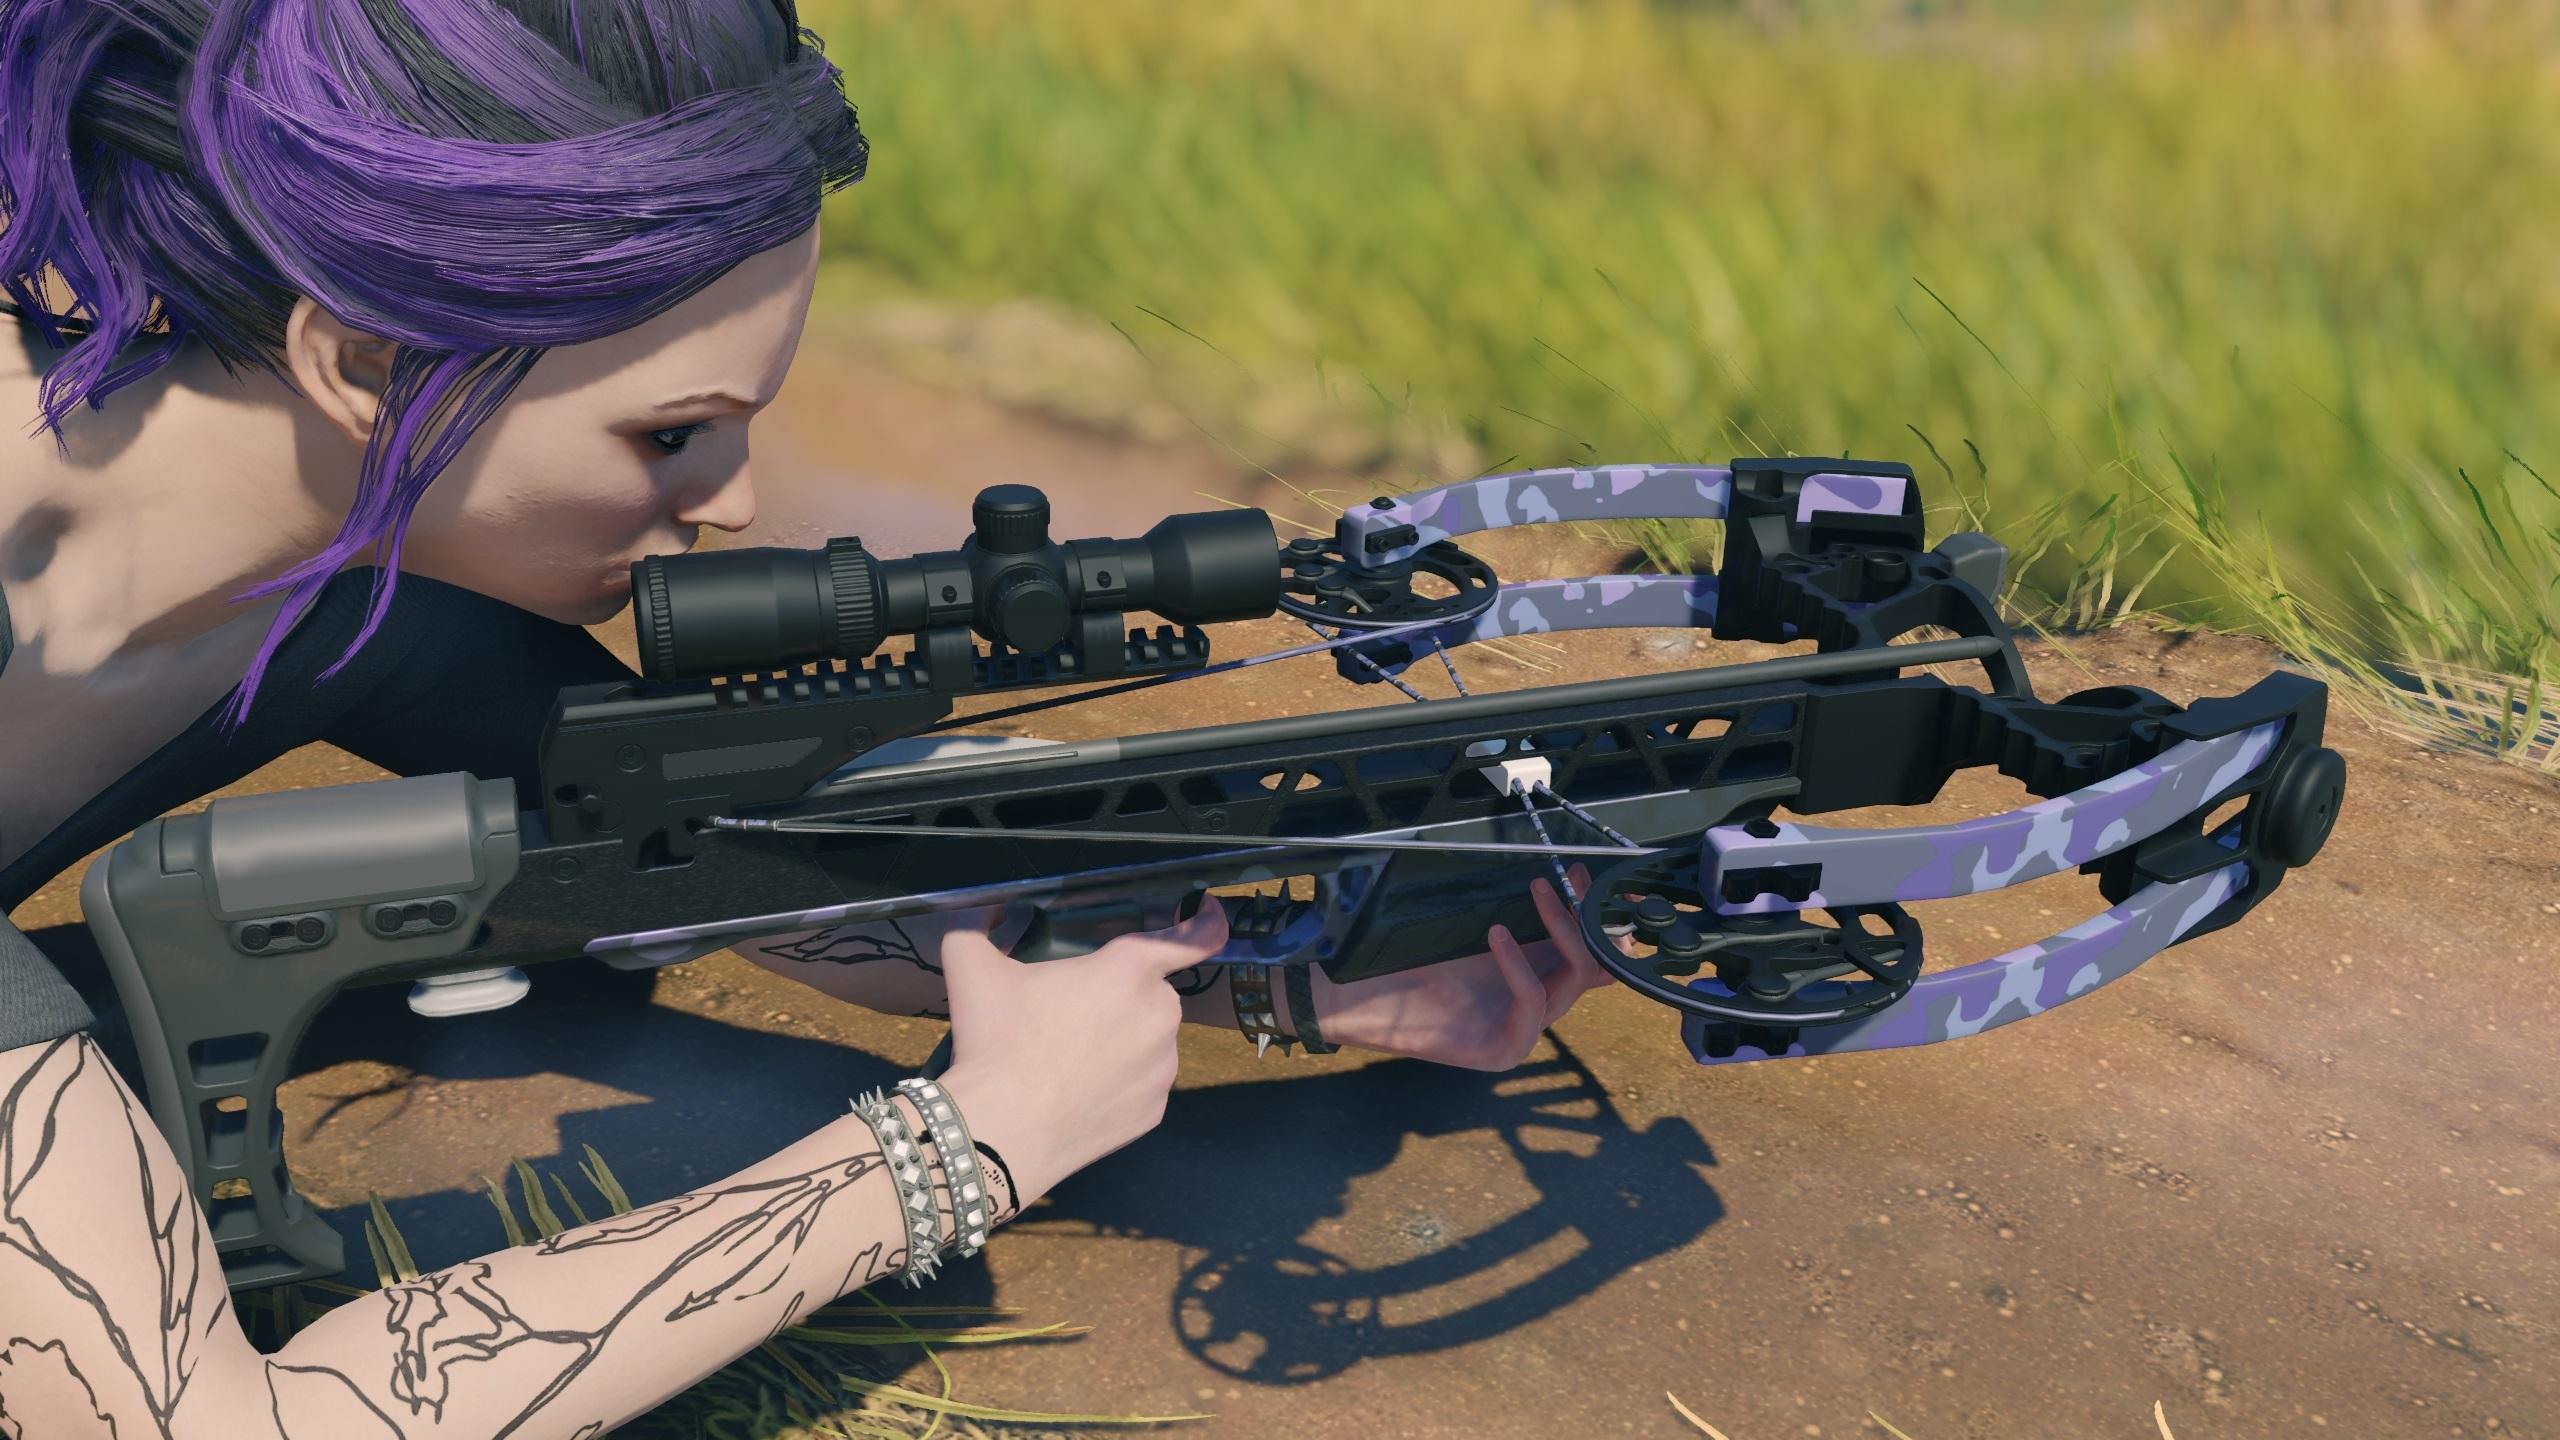 Первые подробности будущего обновления для CRSED: F.O.A.D - новое оружие, предмет и косметика